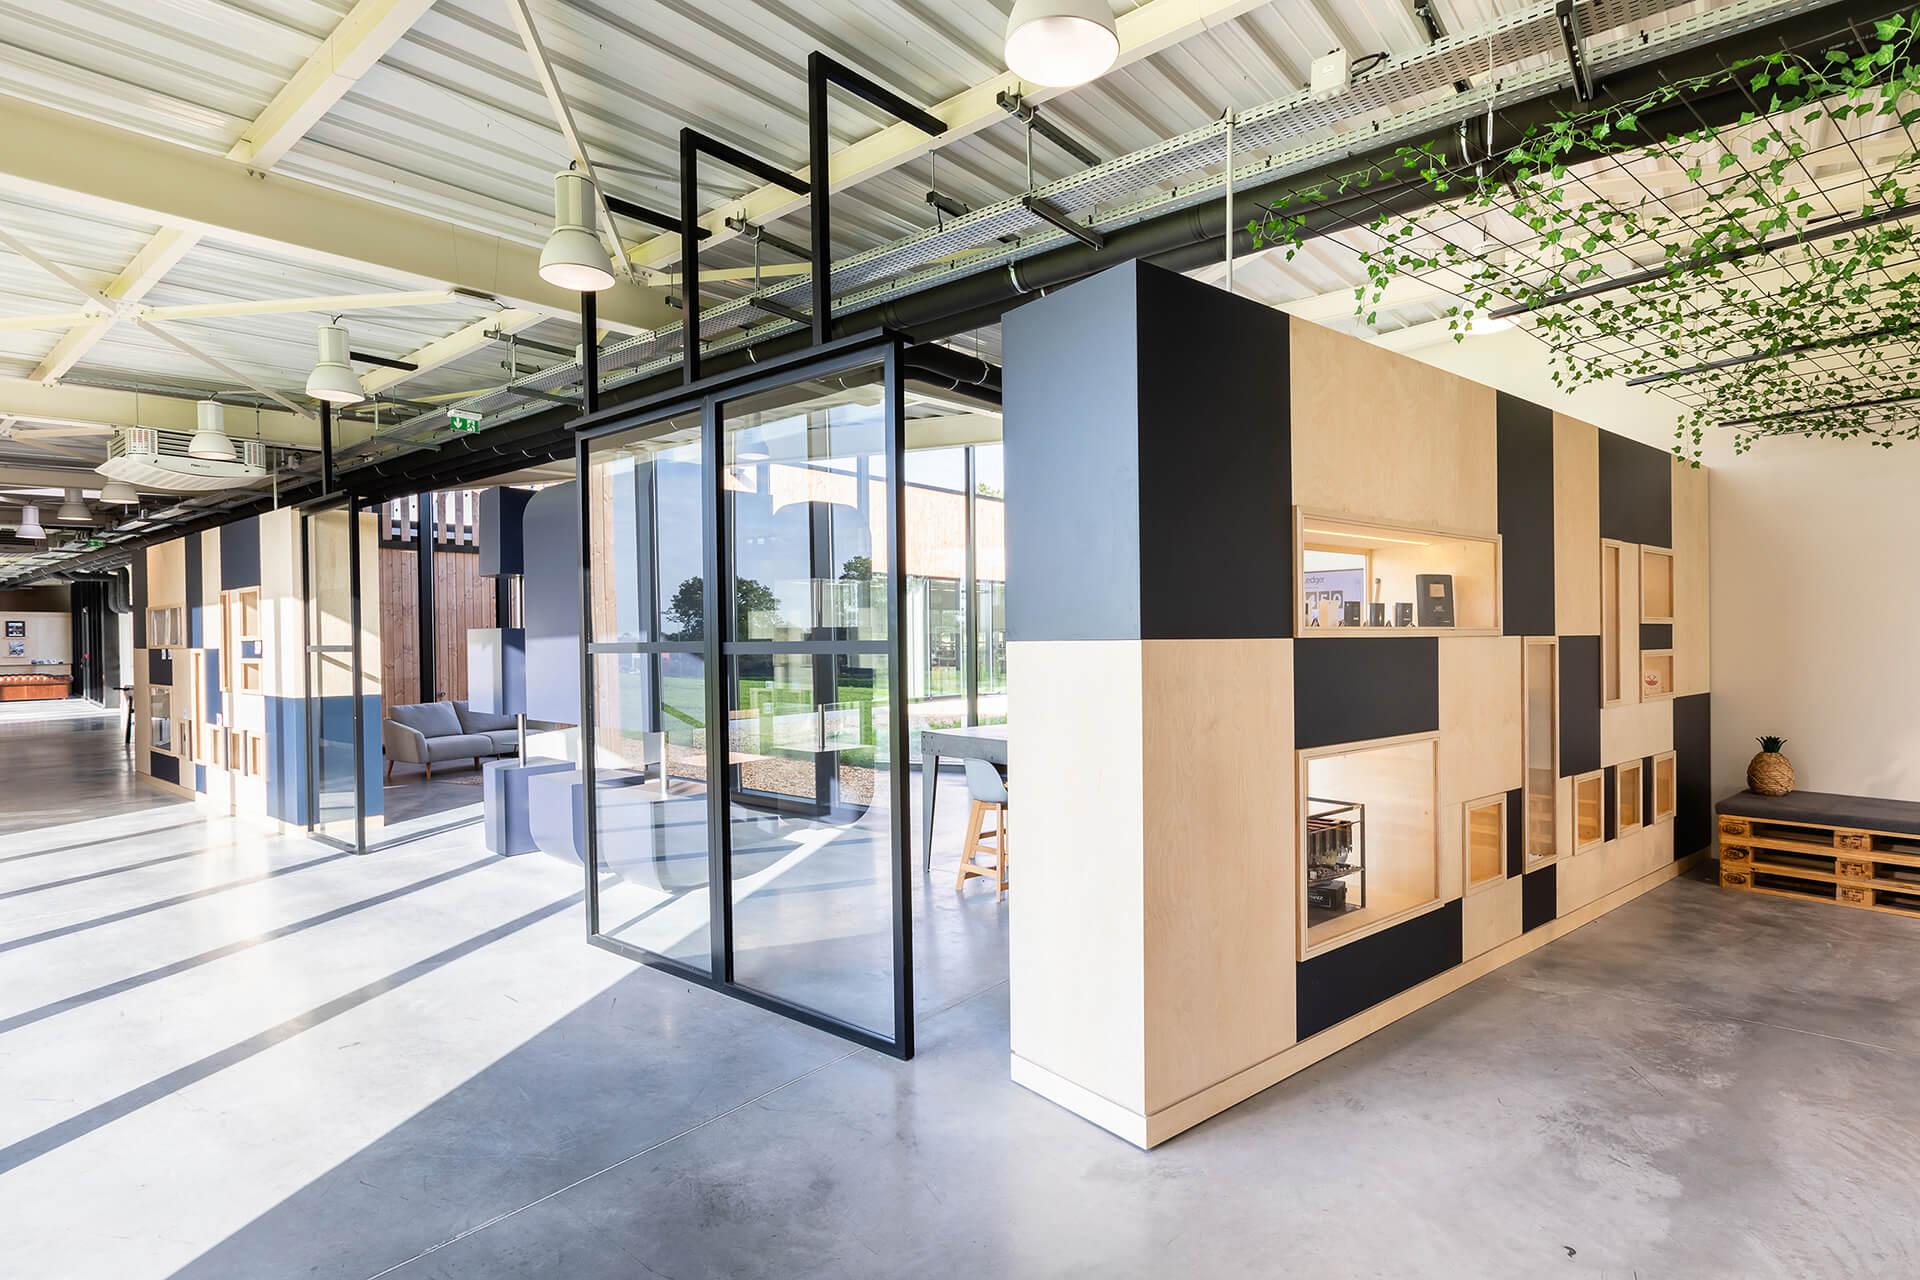 espaço de receção e lounge de centro de negócios com estante e acabamentos em madeira